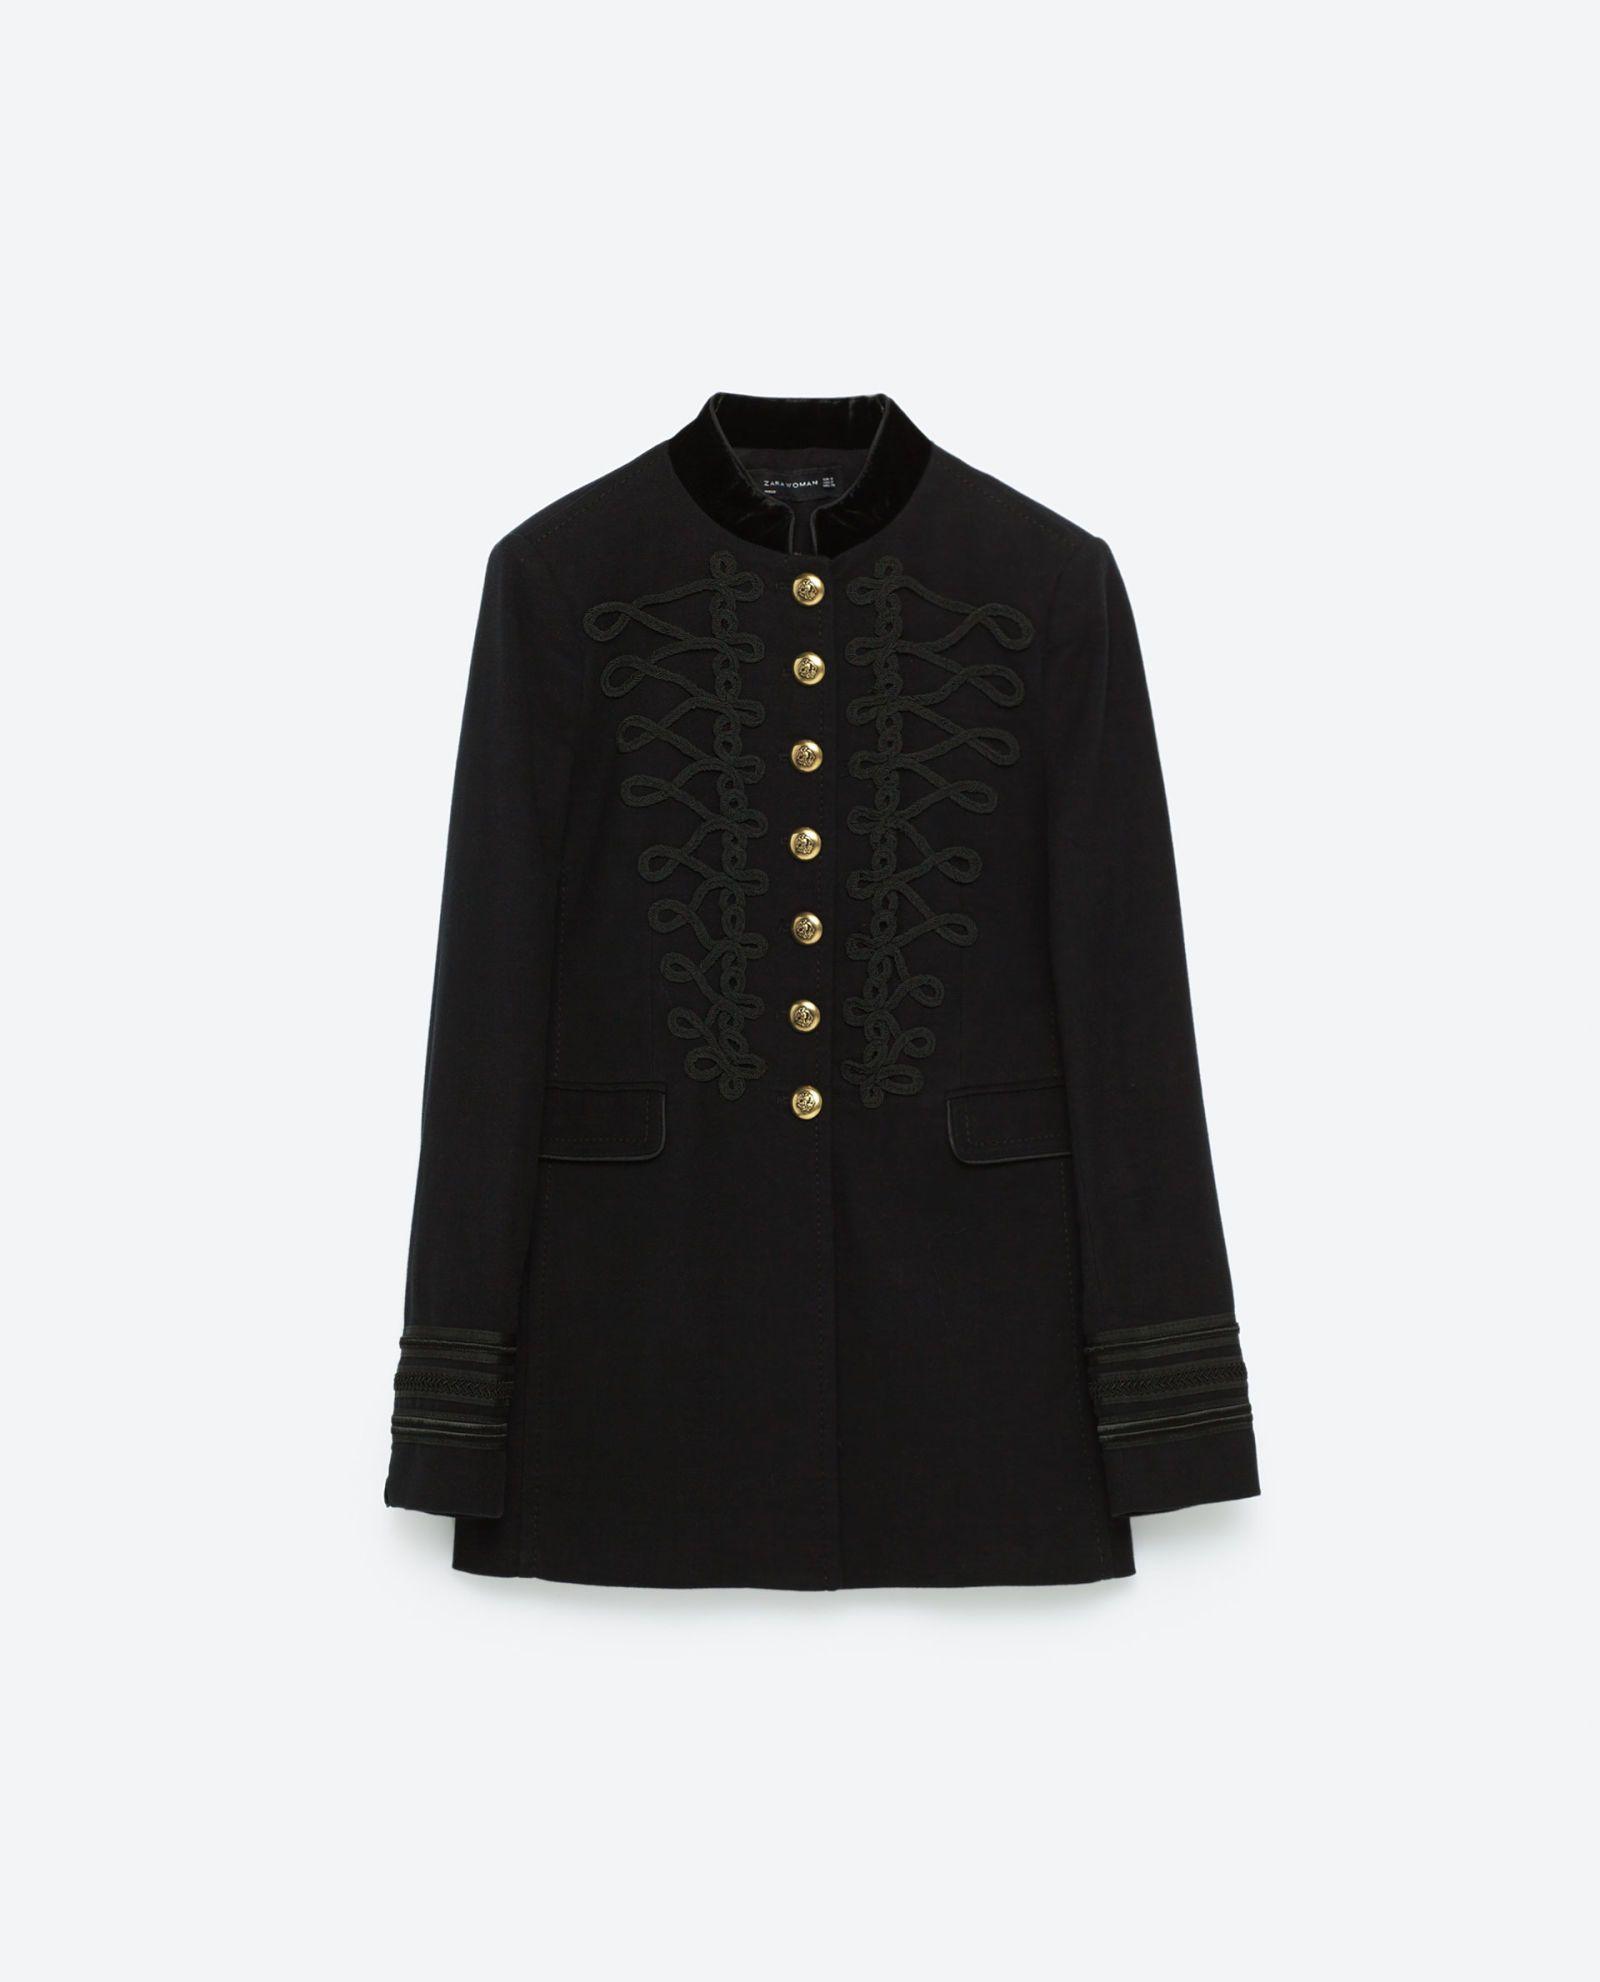 de la la la chaqueta temporada La de La chaqueta temporada de La chaqueta XxvXw6